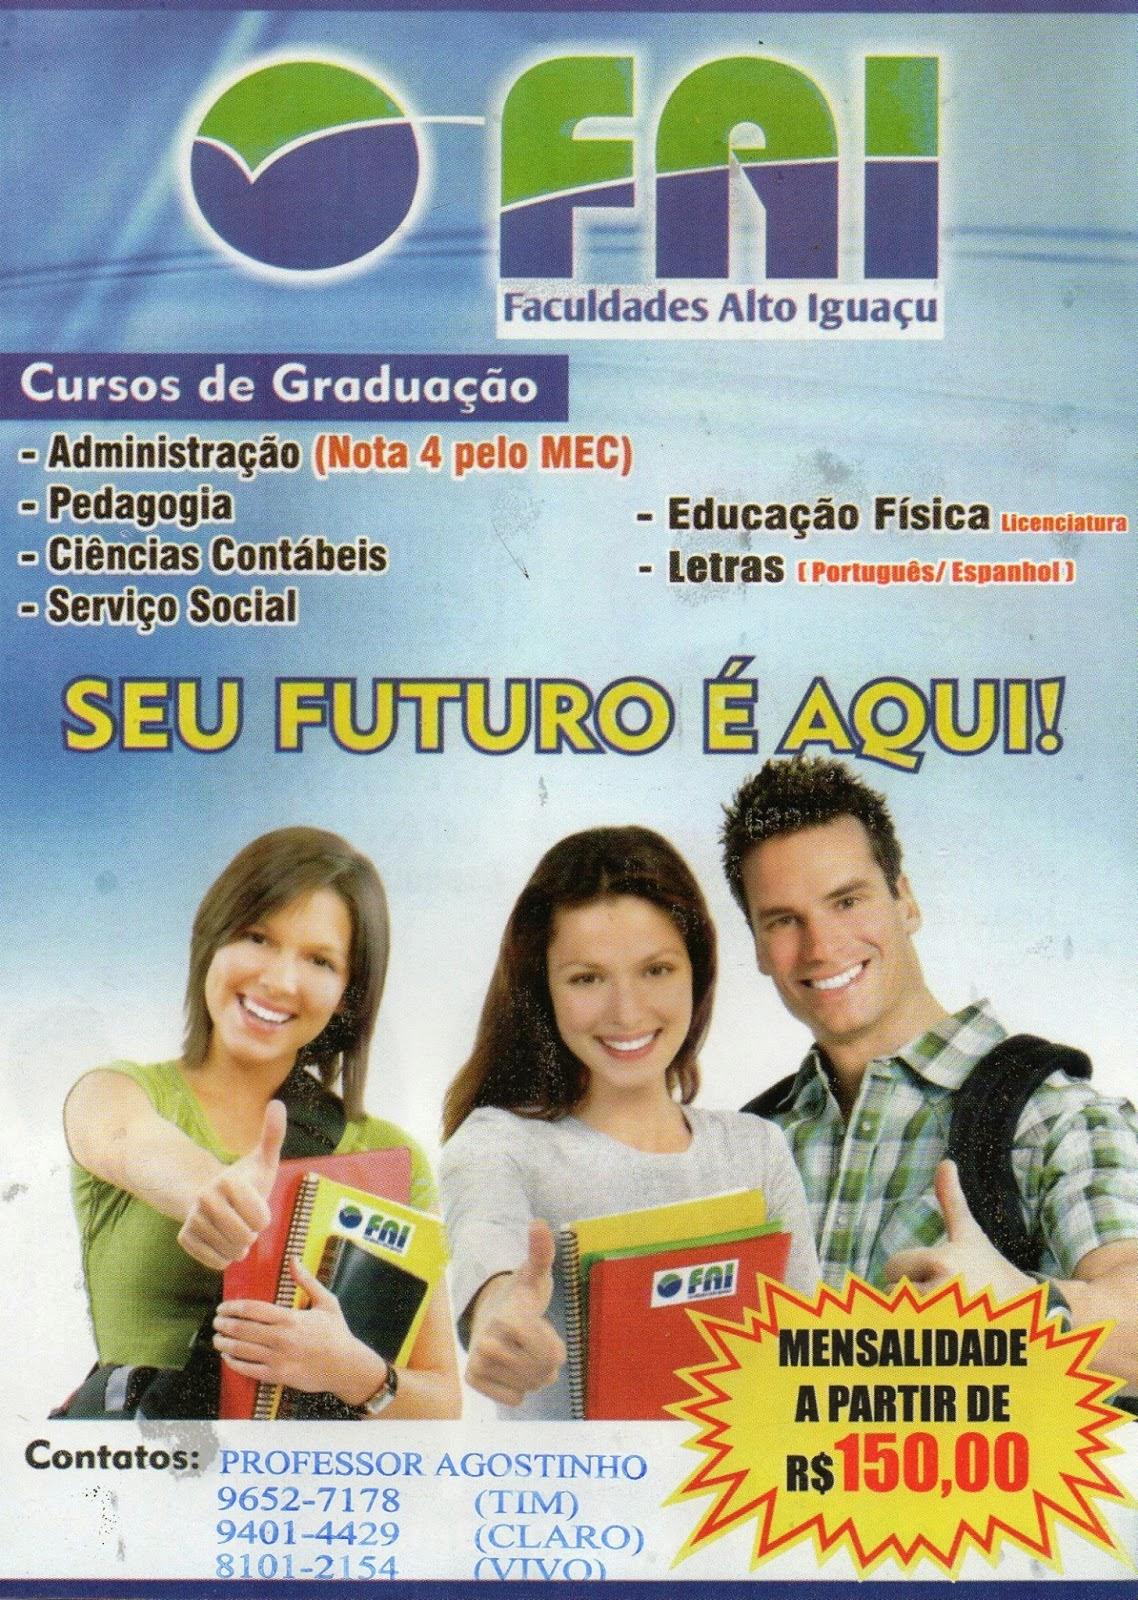 FAI - Faculdade Alto Iguaçu